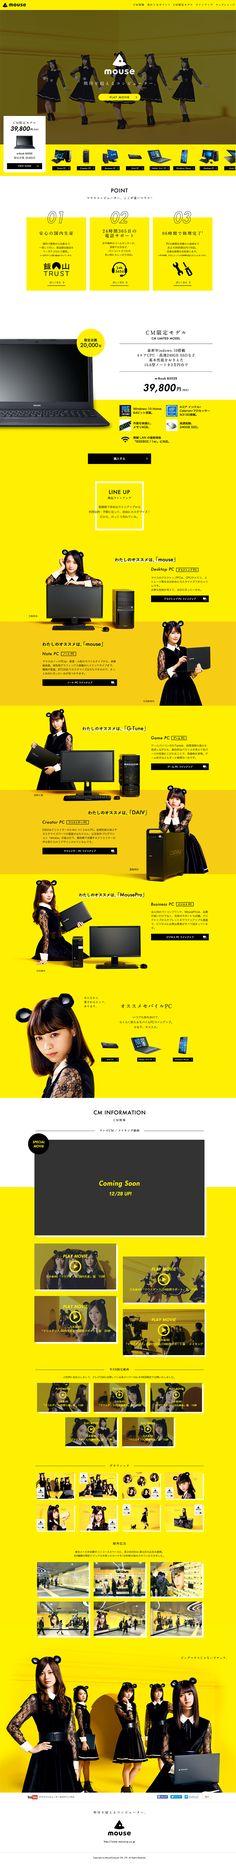 BTOパソコンのマウスコンピューター【家電・パソコン・通信関連】のLPデザイン。WEBデザイナーさん必見!ランディングページのデザイン参考に(シンプル系)